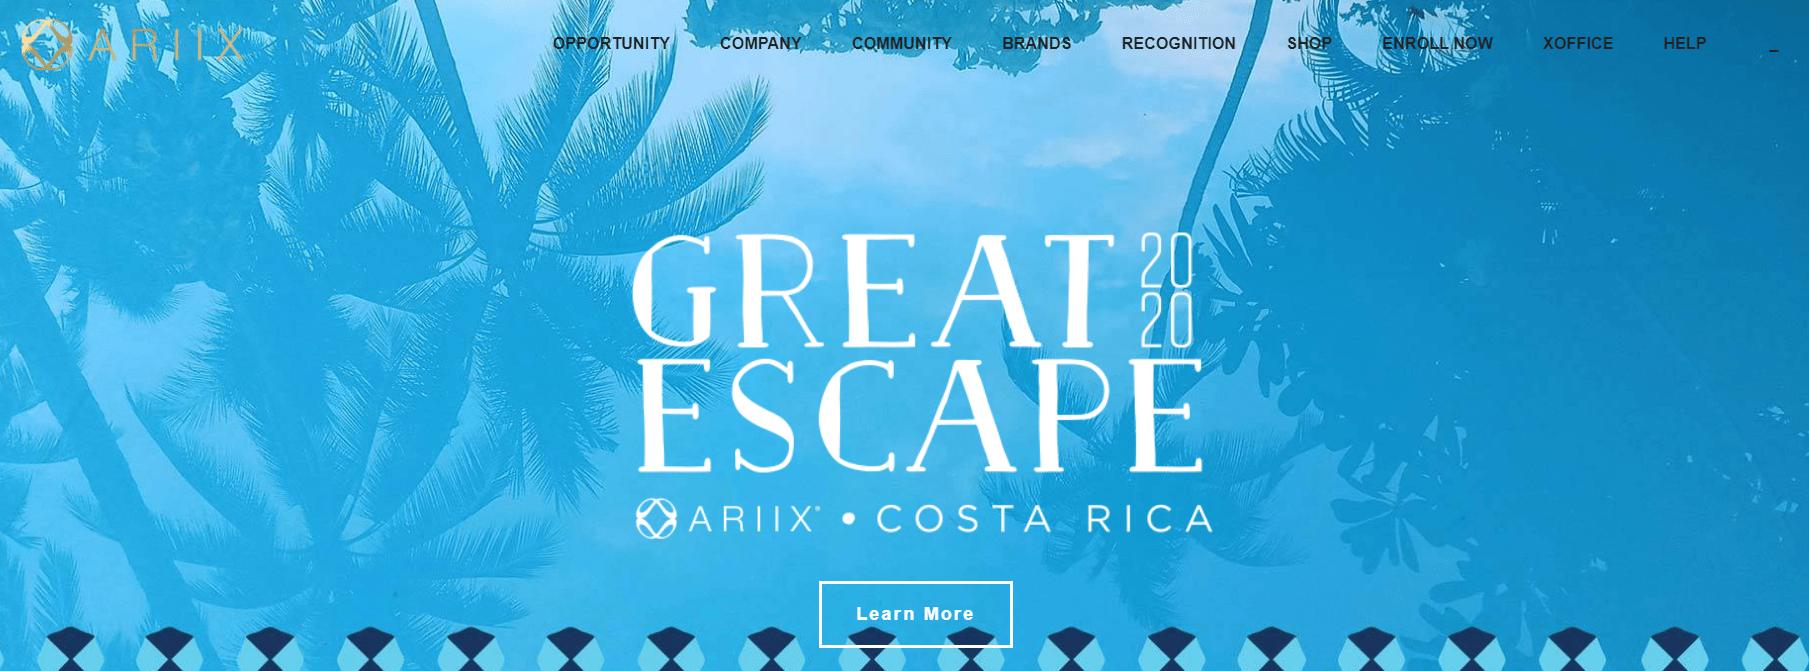 ariix website